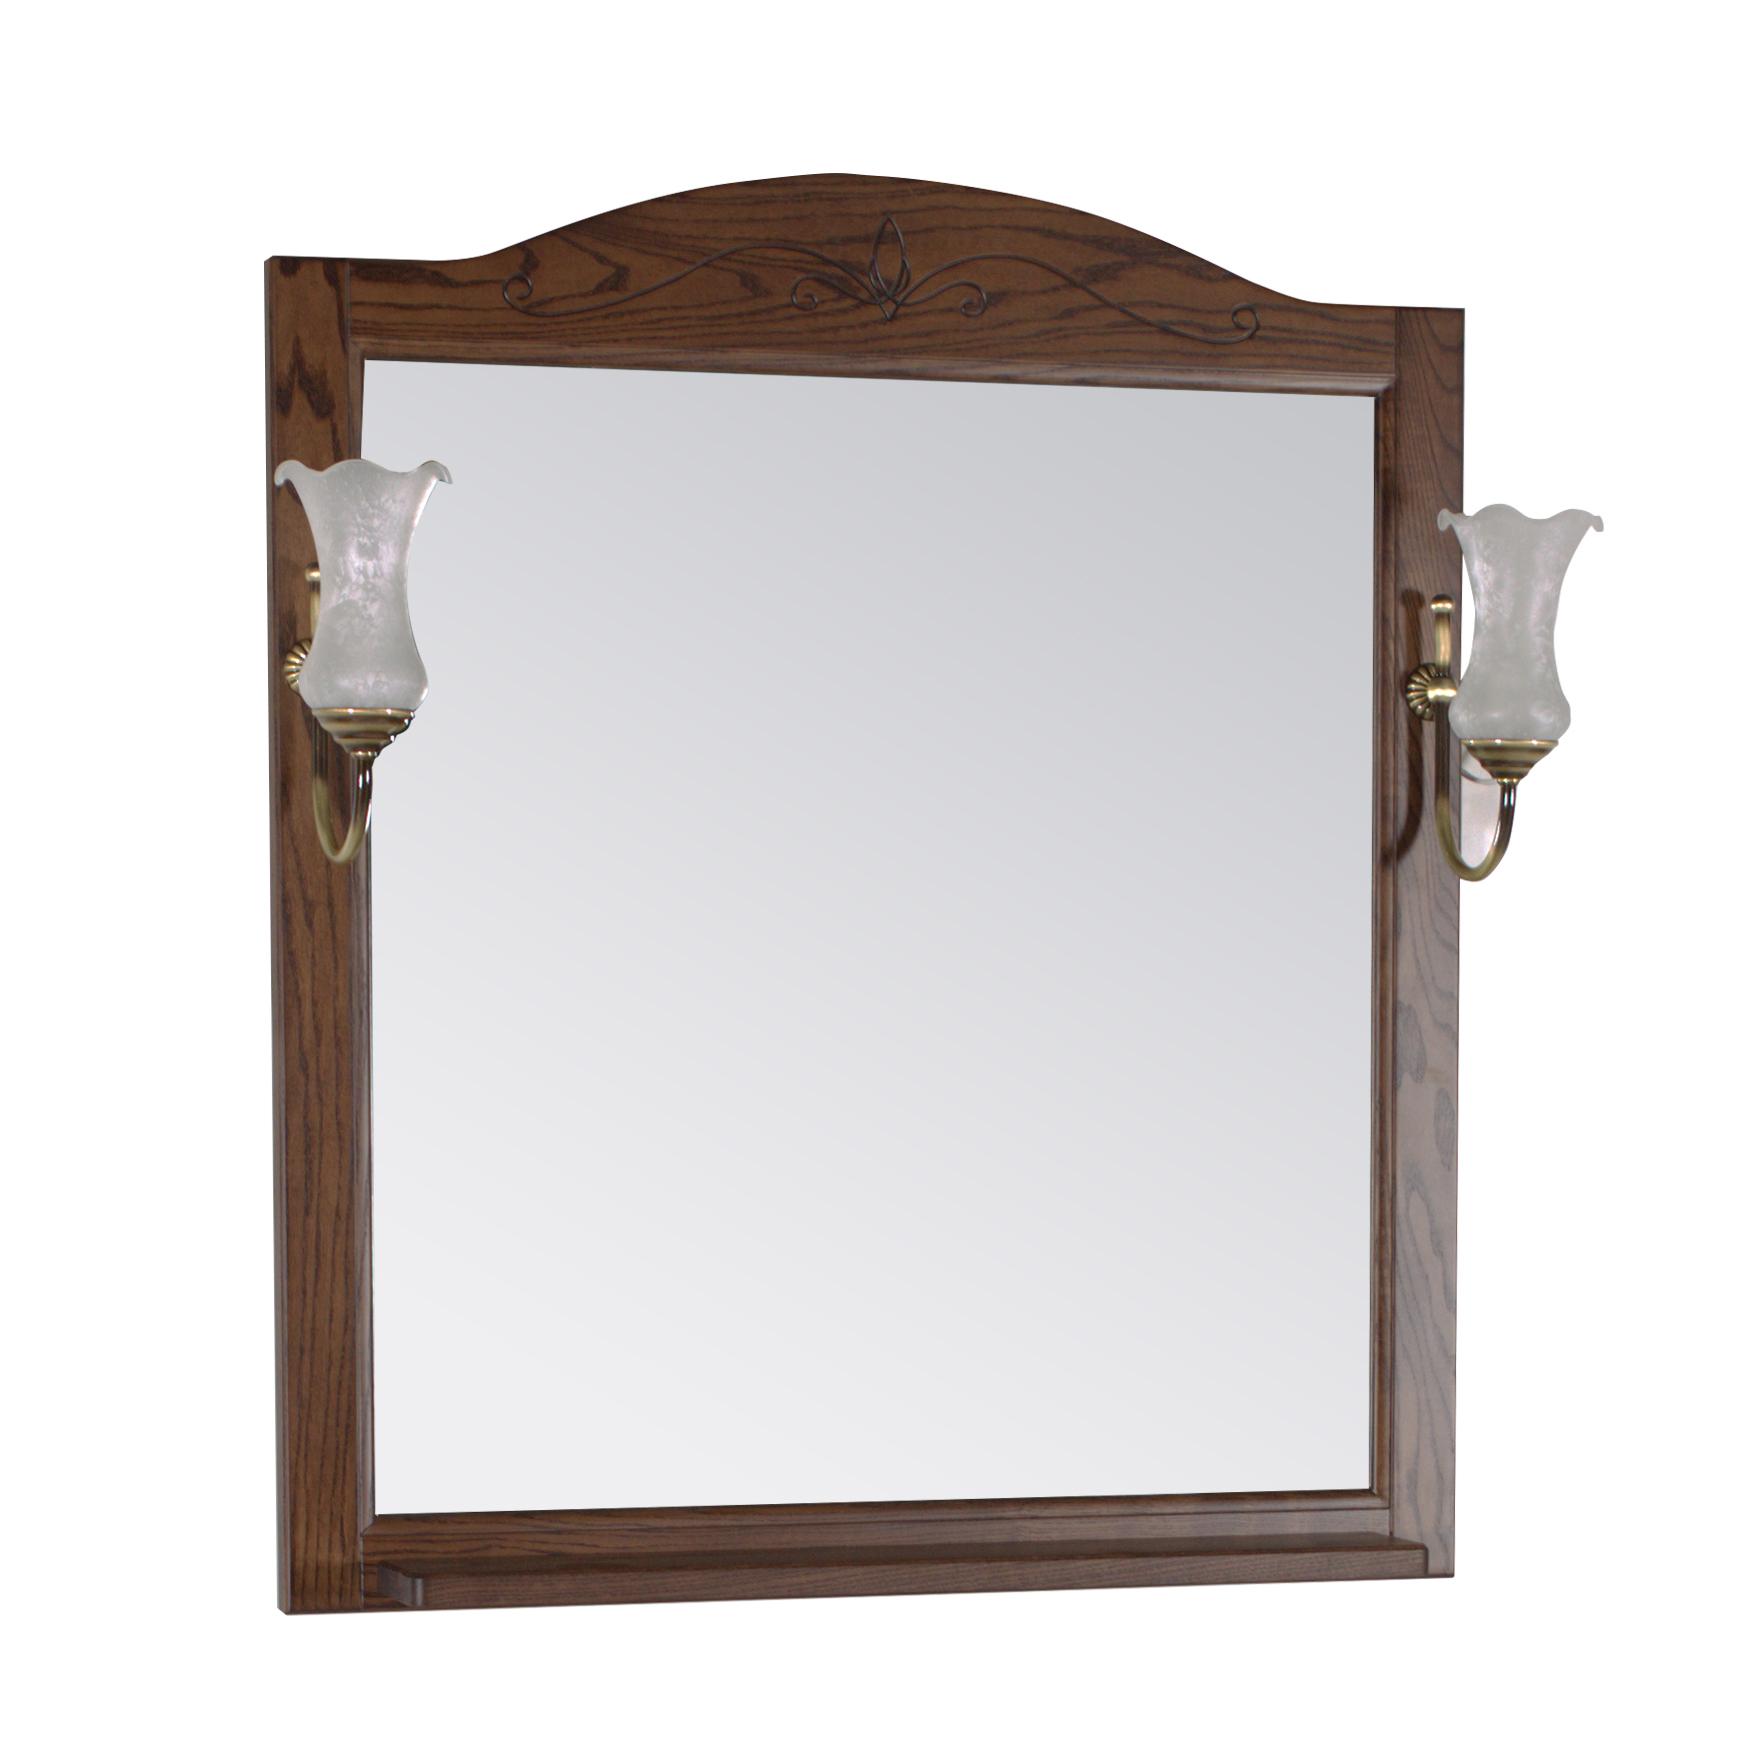 Зеркало АСБ мебель Салерно Woodline антикварный орех мебель для ванной comforty